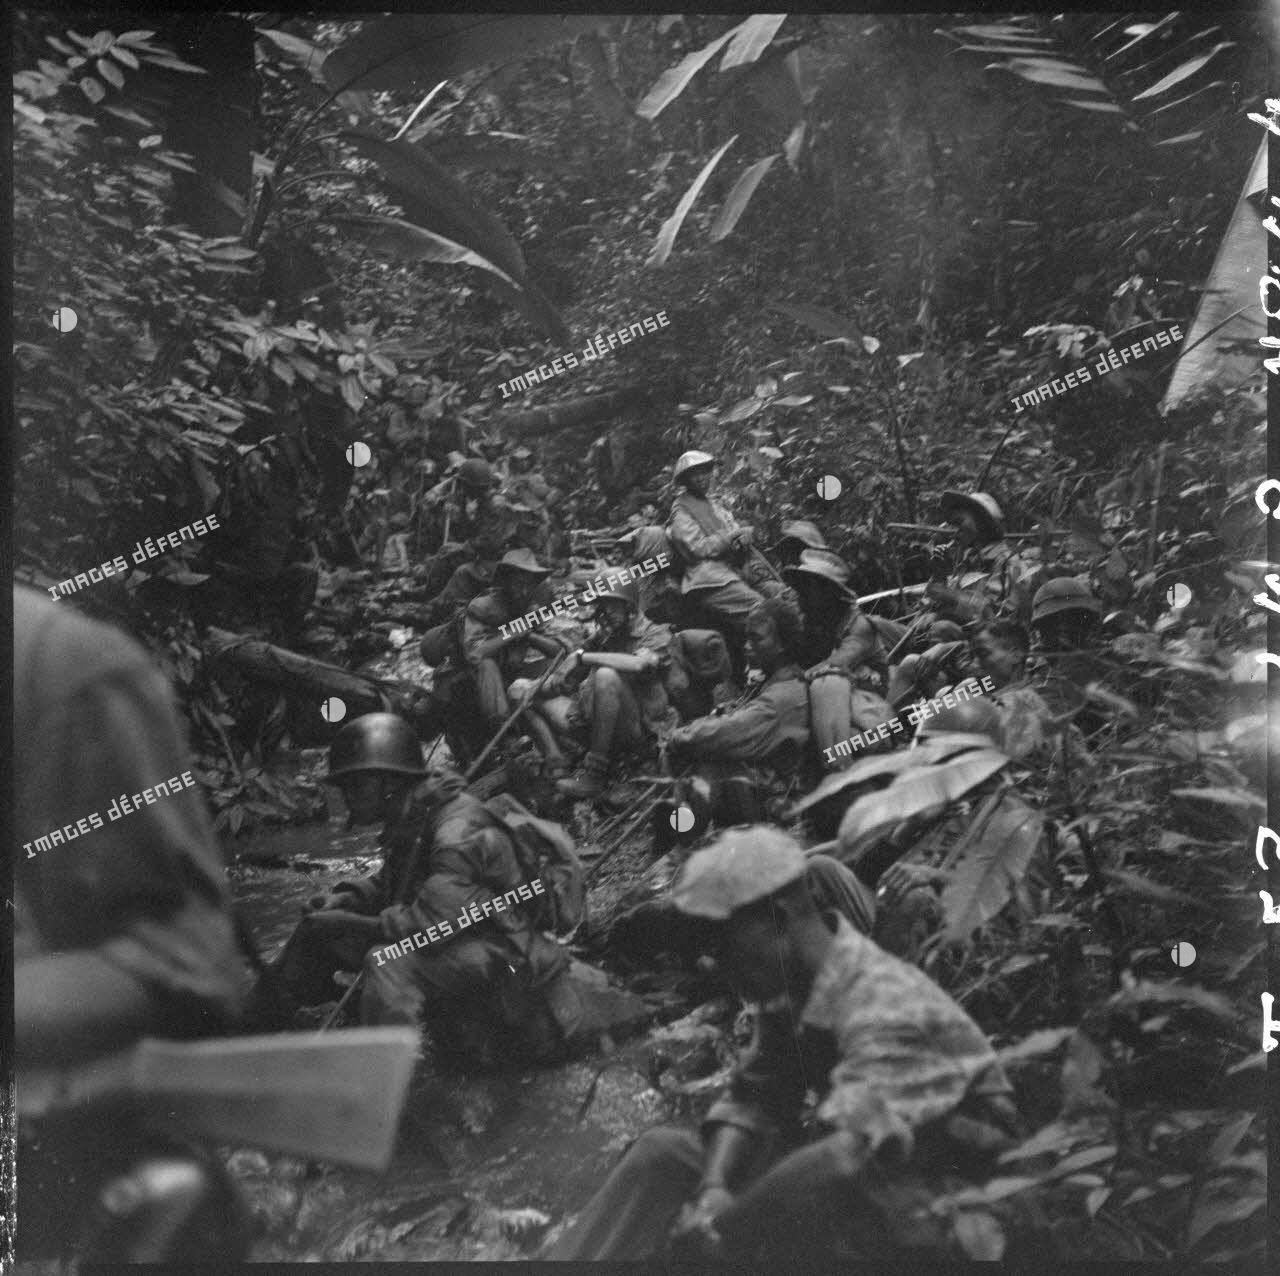 Des parachutistes de la colonne Langlais font une halte au bord d'un ruisseau en plein jungle, au cours de leur progression vers le Laos.